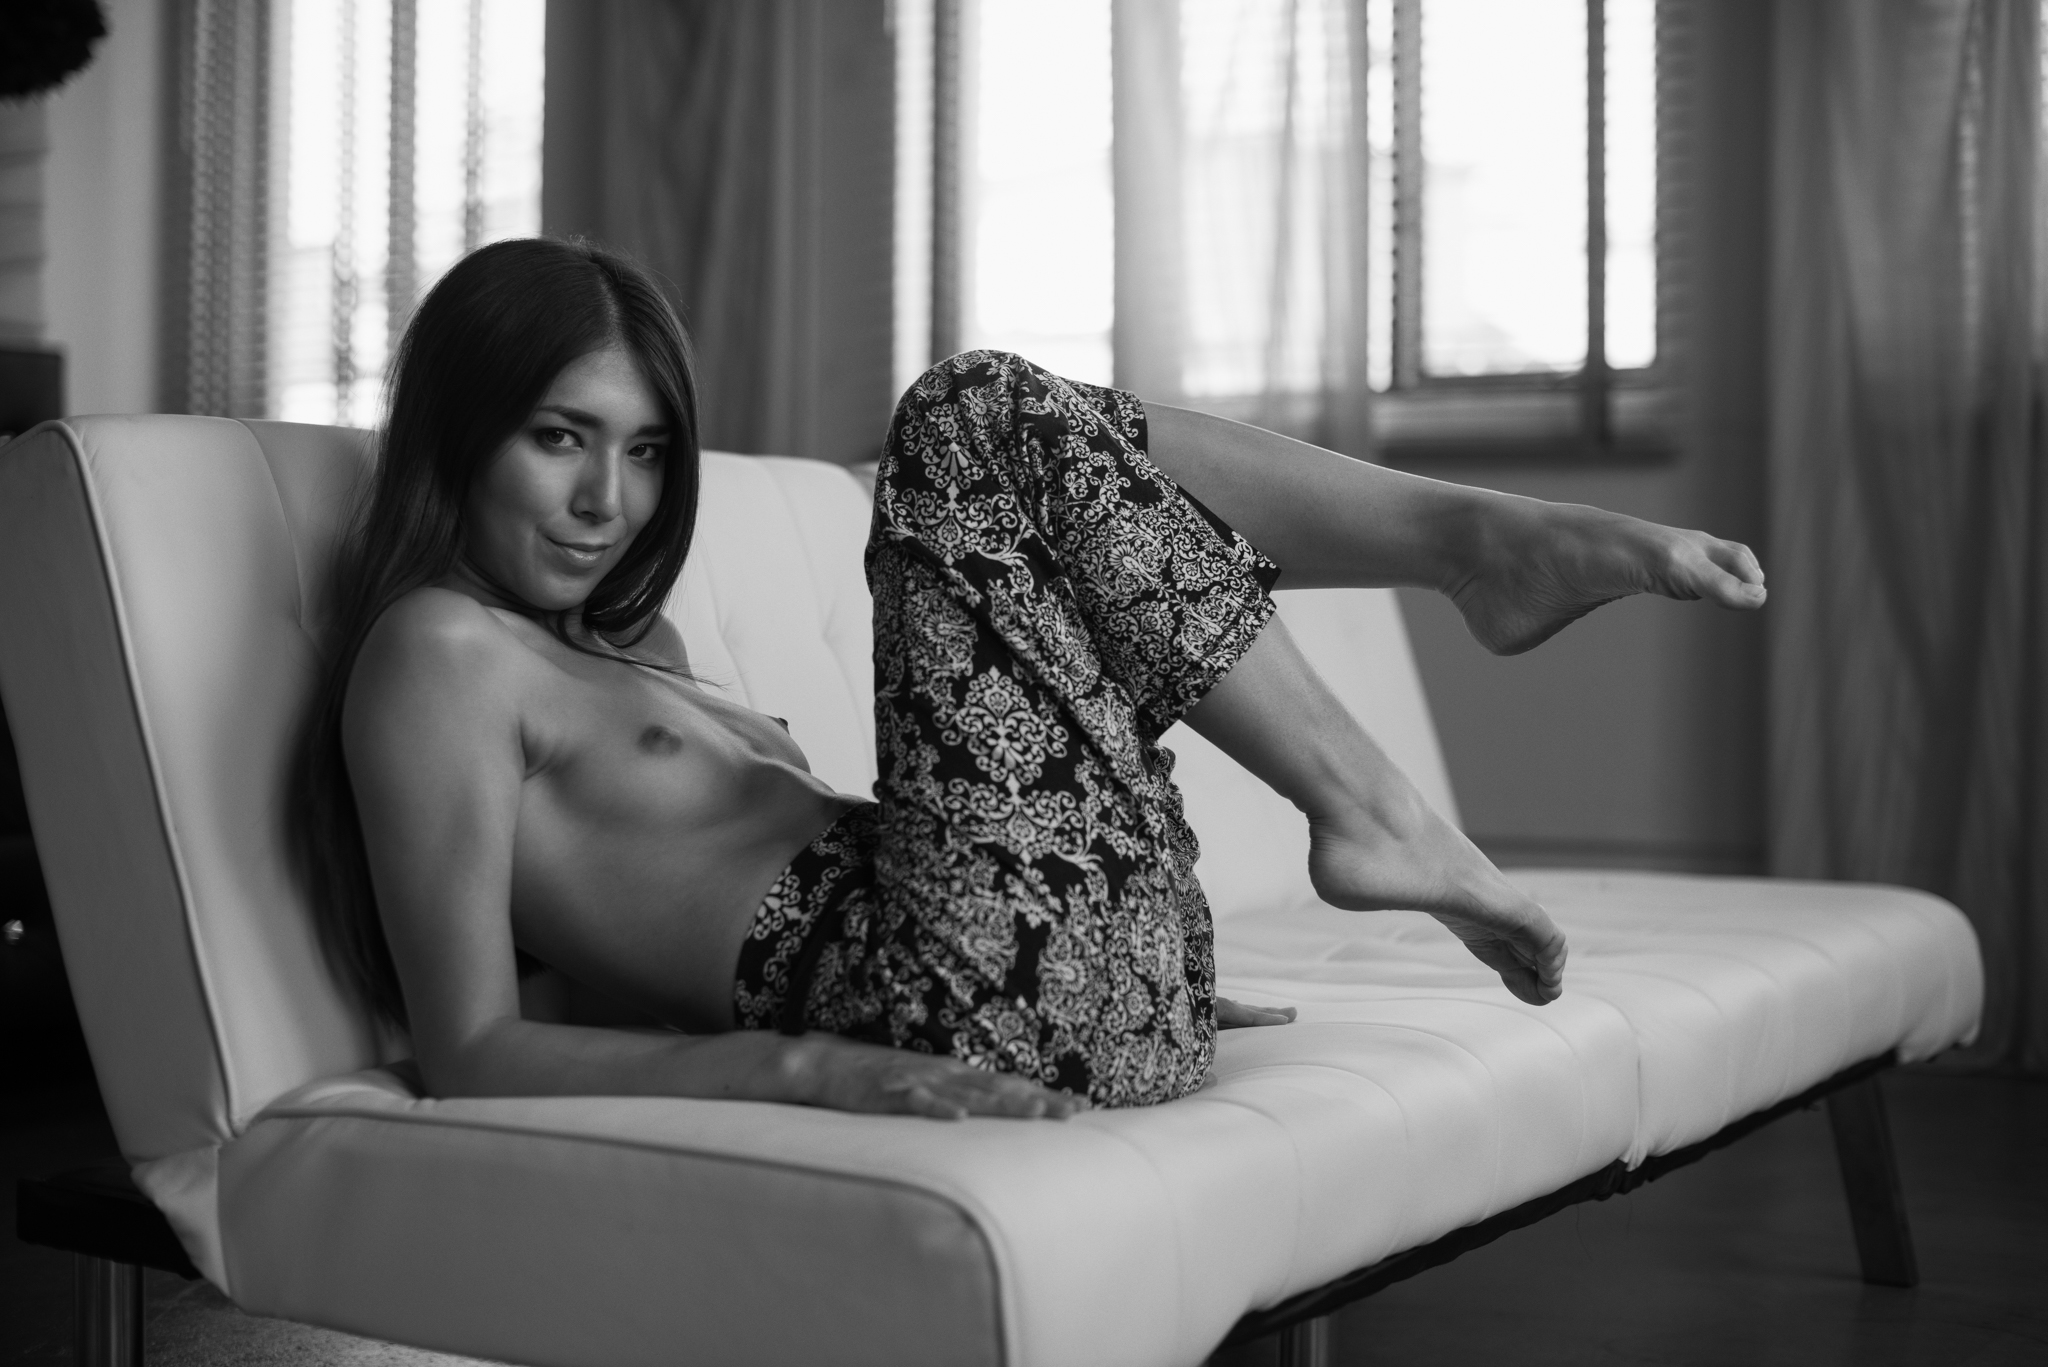 My ex nude pics-8032